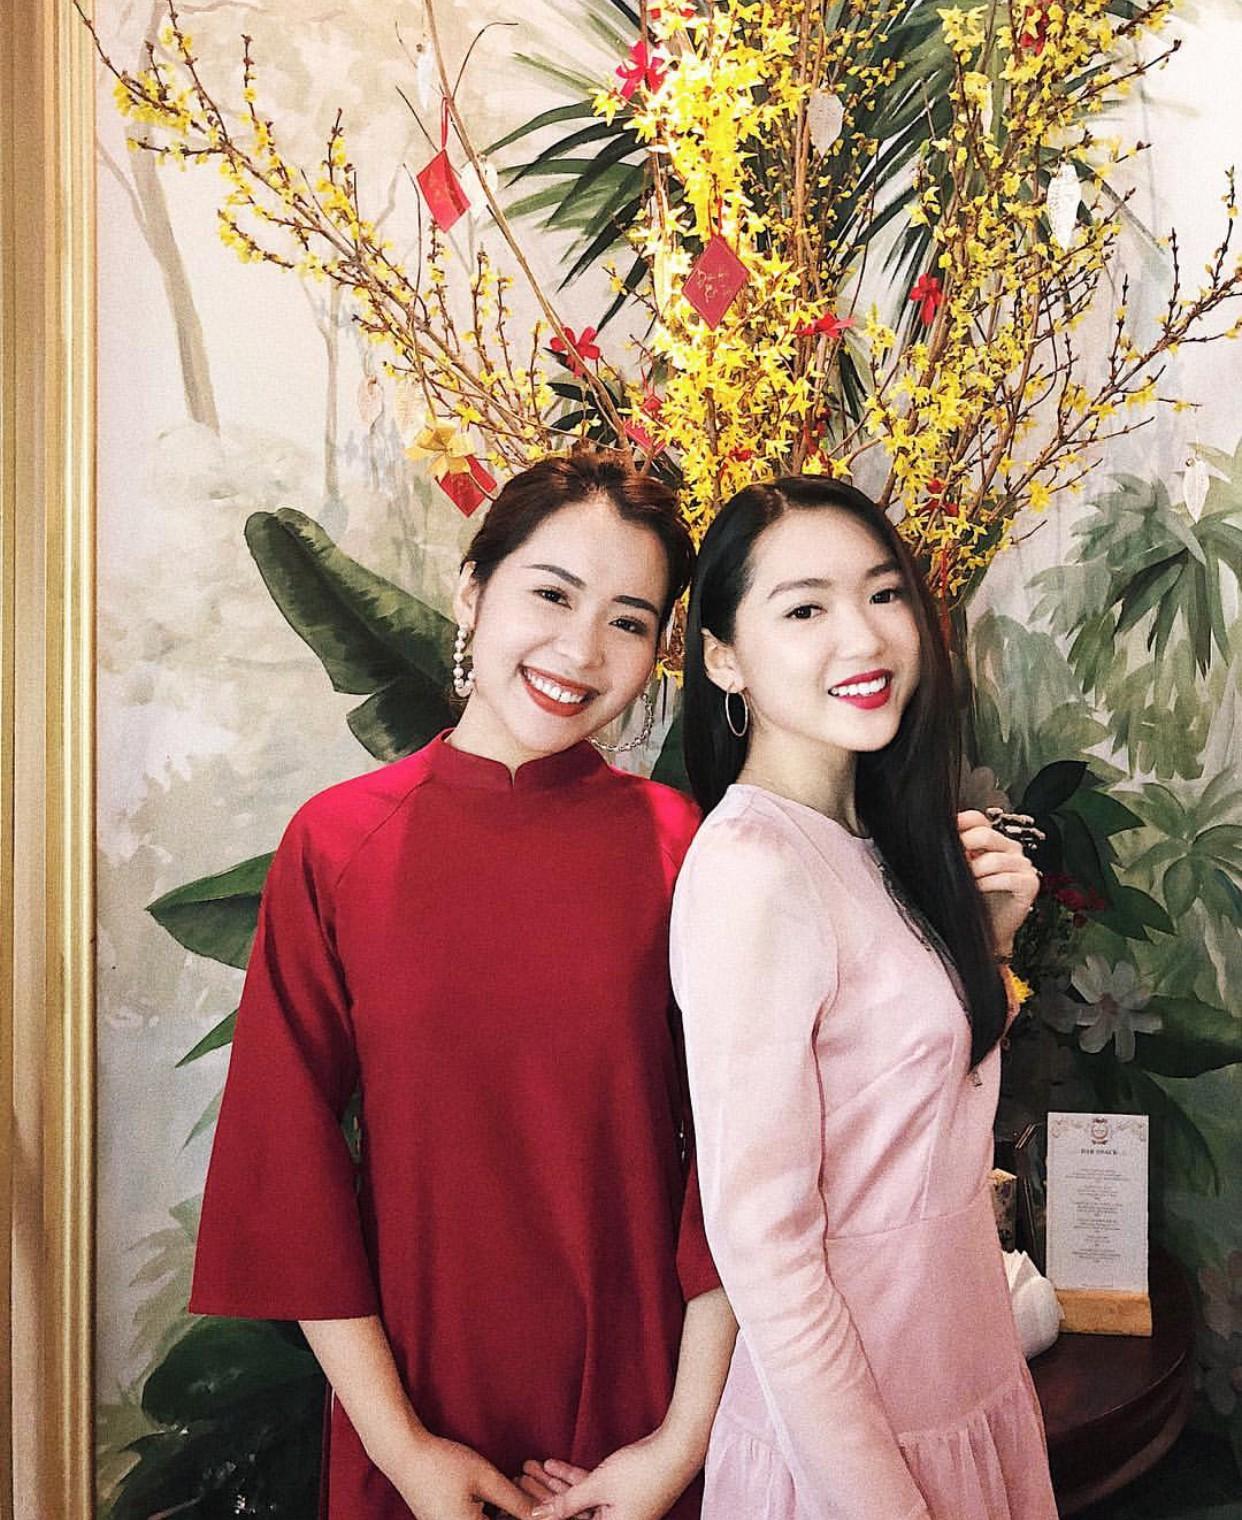 3 đôi bạn thân là beauty blogger Việt: Ai cũng xinh đẹp, thú vị và sở hữu cuộc sống cực cool - Ảnh 2.